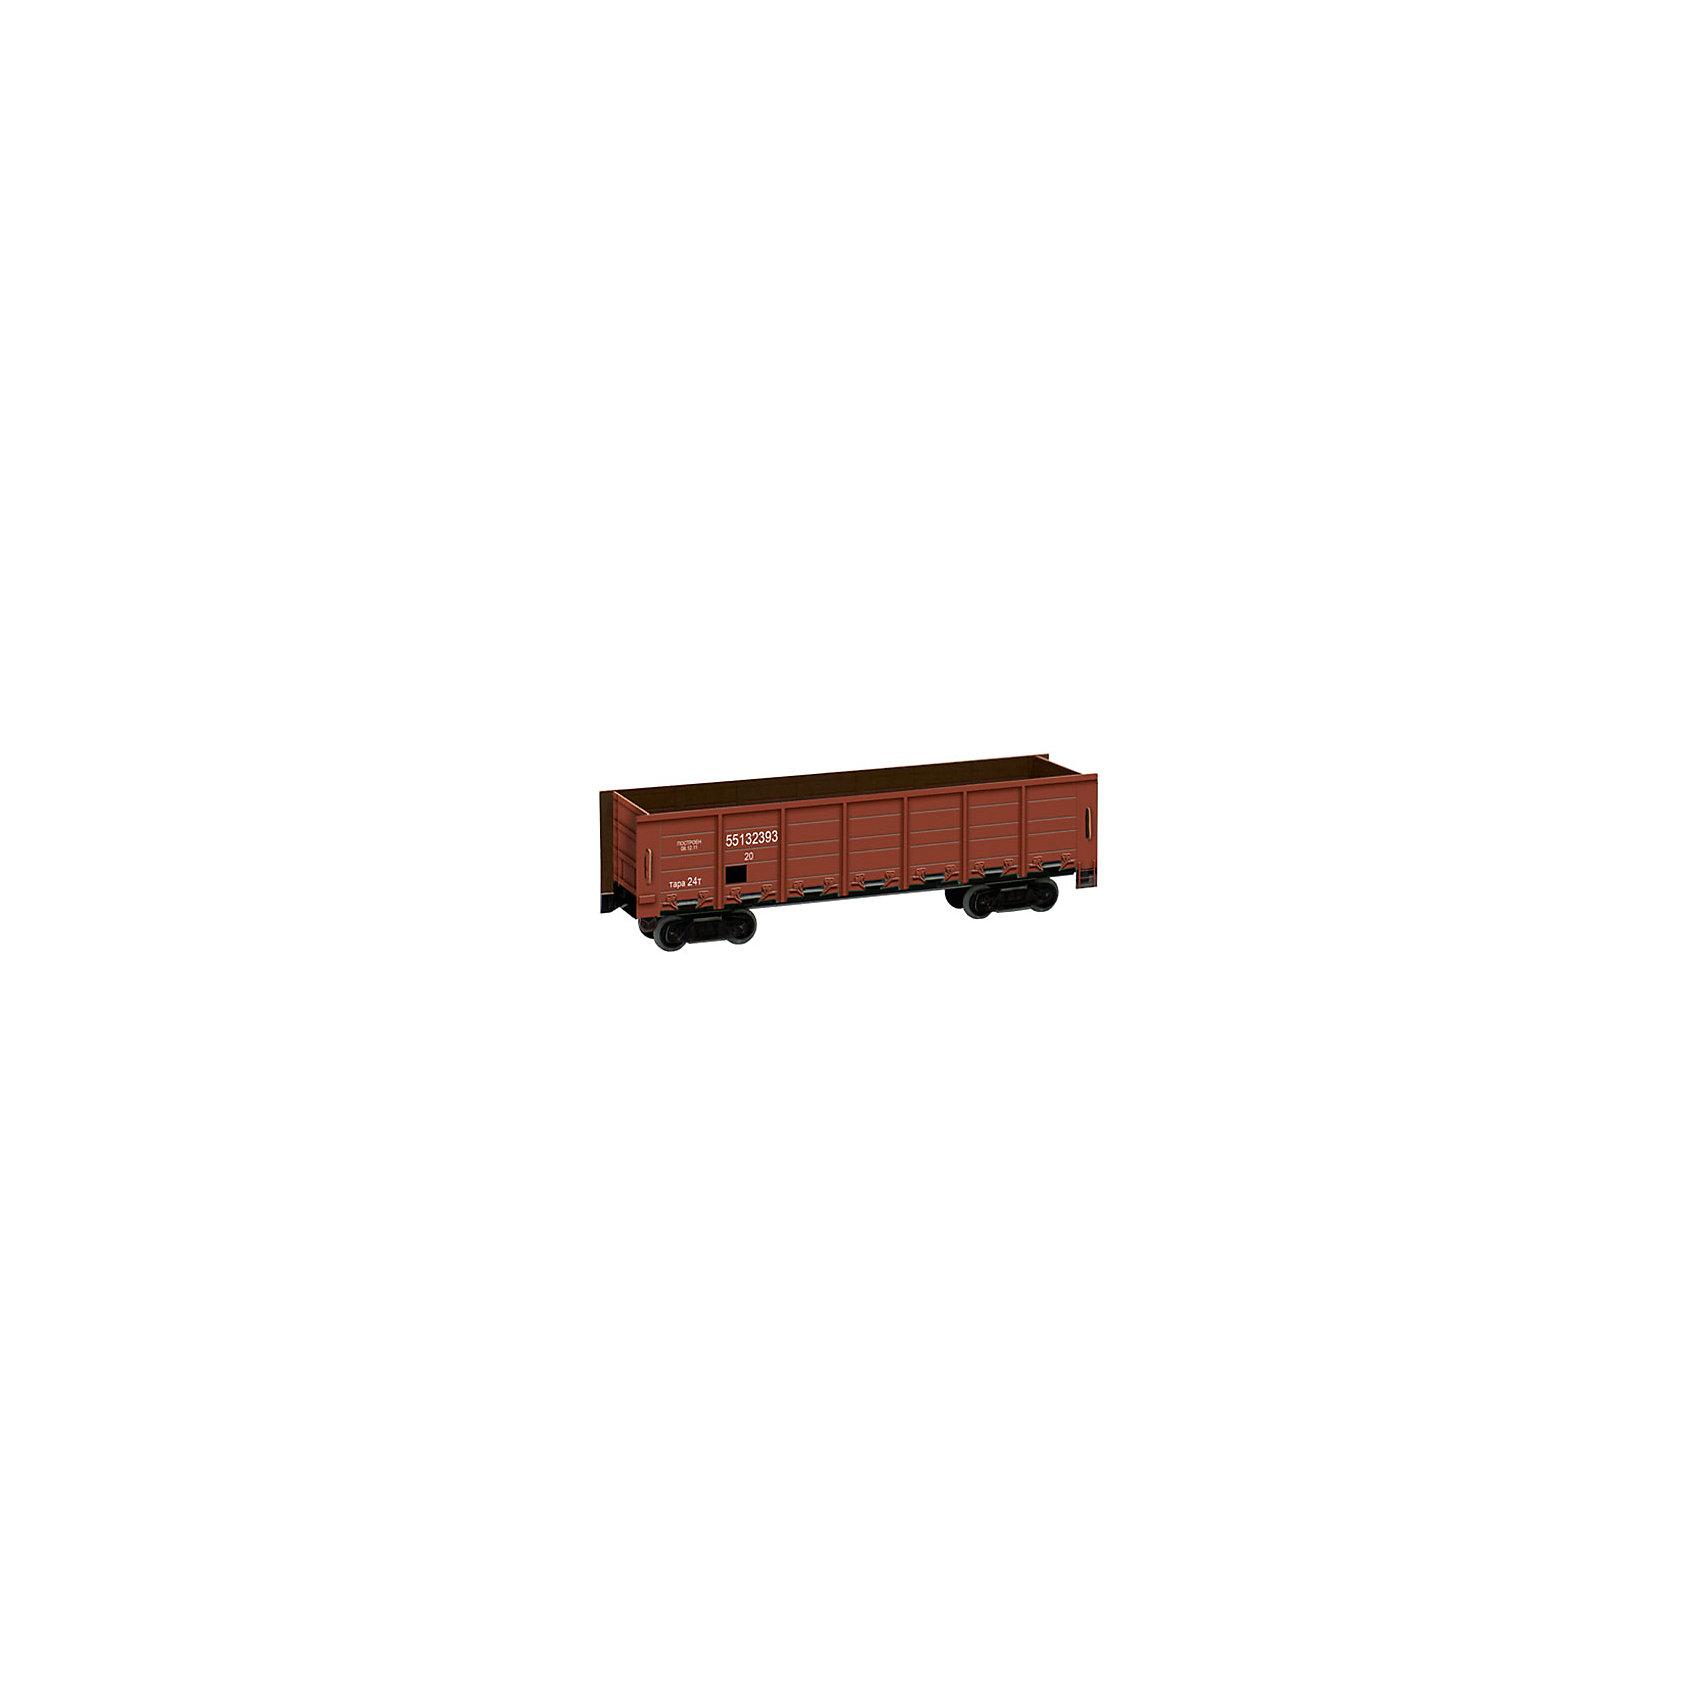 Сборная модель ПолувагонБумажные модели<br>Полувагон (коричневый)<br>Полувагон - грузовой вагон с высокими бортами без крыши для перевозки грузов, не требующих защиты от атмосферных осадков. Может иметь разгрузочные люки в полу и раскрывающиеся боковые стенки или глухой кузов. Бывают двух типов: люковые и глуходонные.<br><br>Количество деталей: 20.<br>Сложность сборки: 1.<br>Масштаб: 1:87.<br>Размер модели: 16,5х5х4 см.<br>Материалы: двойной картон.<br>Возраст: 7+.<br><br>Ширина мм: 170<br>Глубина мм: 2<br>Высота мм: 240<br>Вес г: 48<br>Возраст от месяцев: 84<br>Возраст до месяцев: 2147483647<br>Пол: Унисекс<br>Возраст: Детский<br>SKU: 4807395